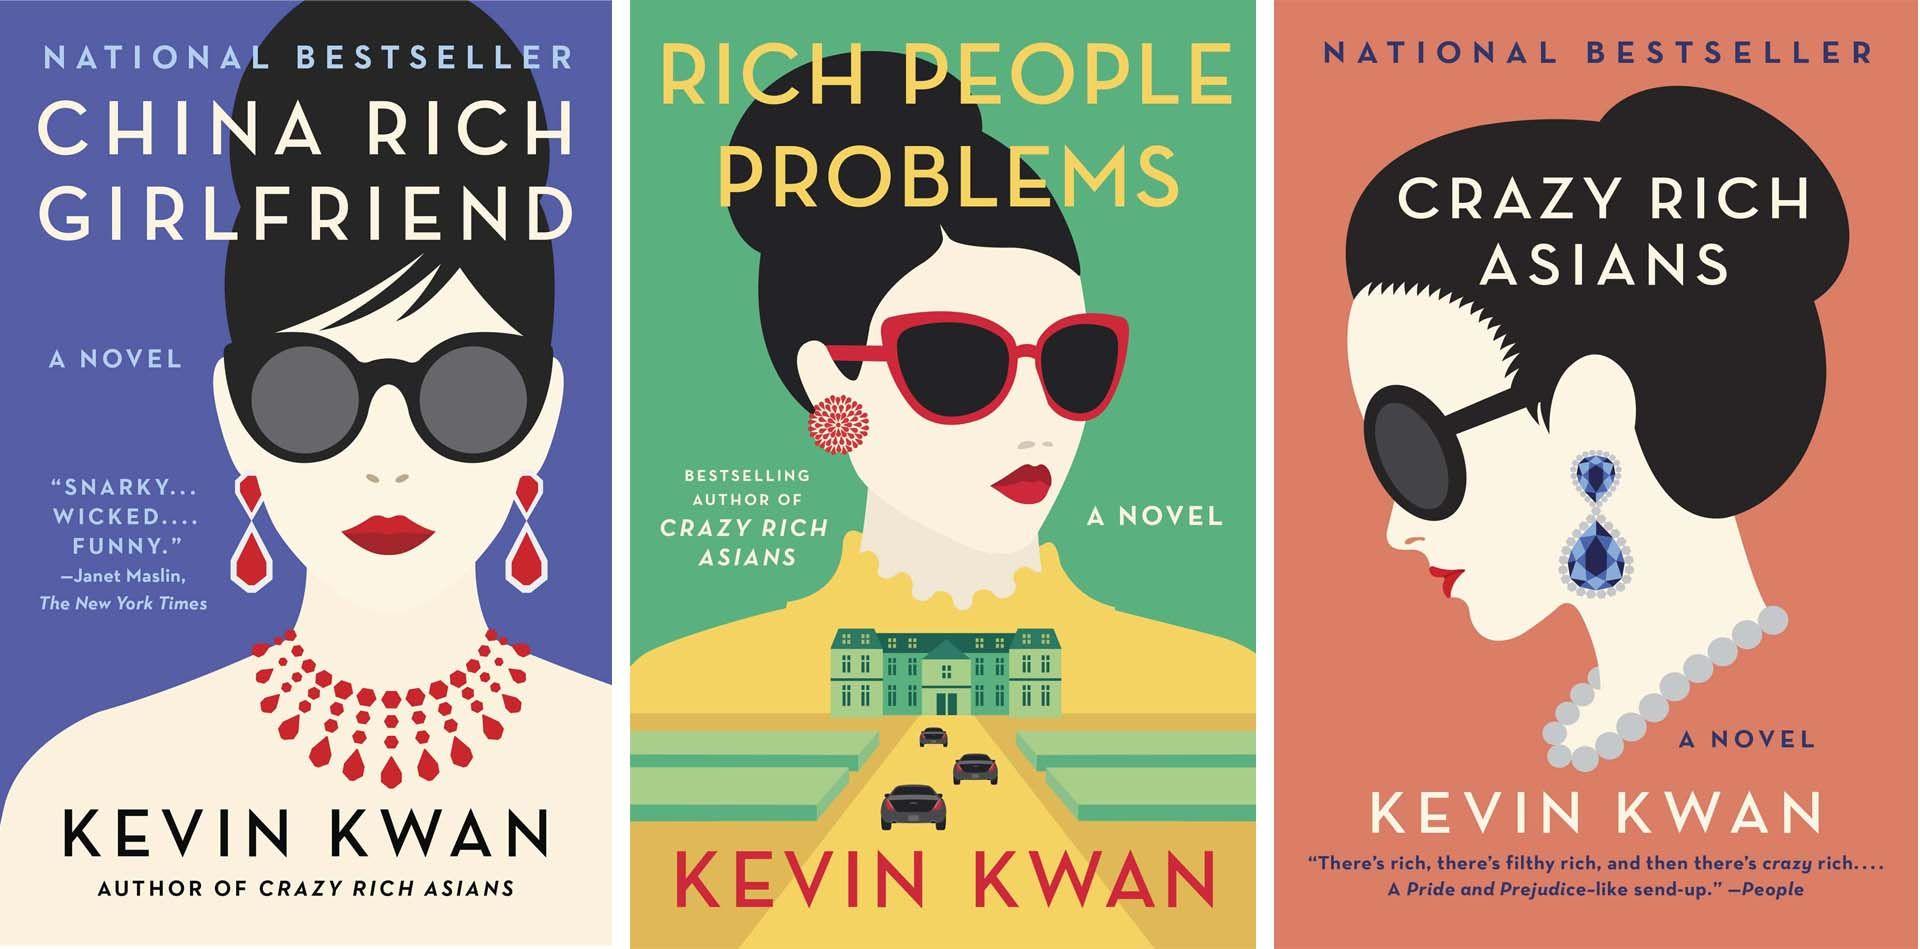 Meet Kevin Kwan in Manila!